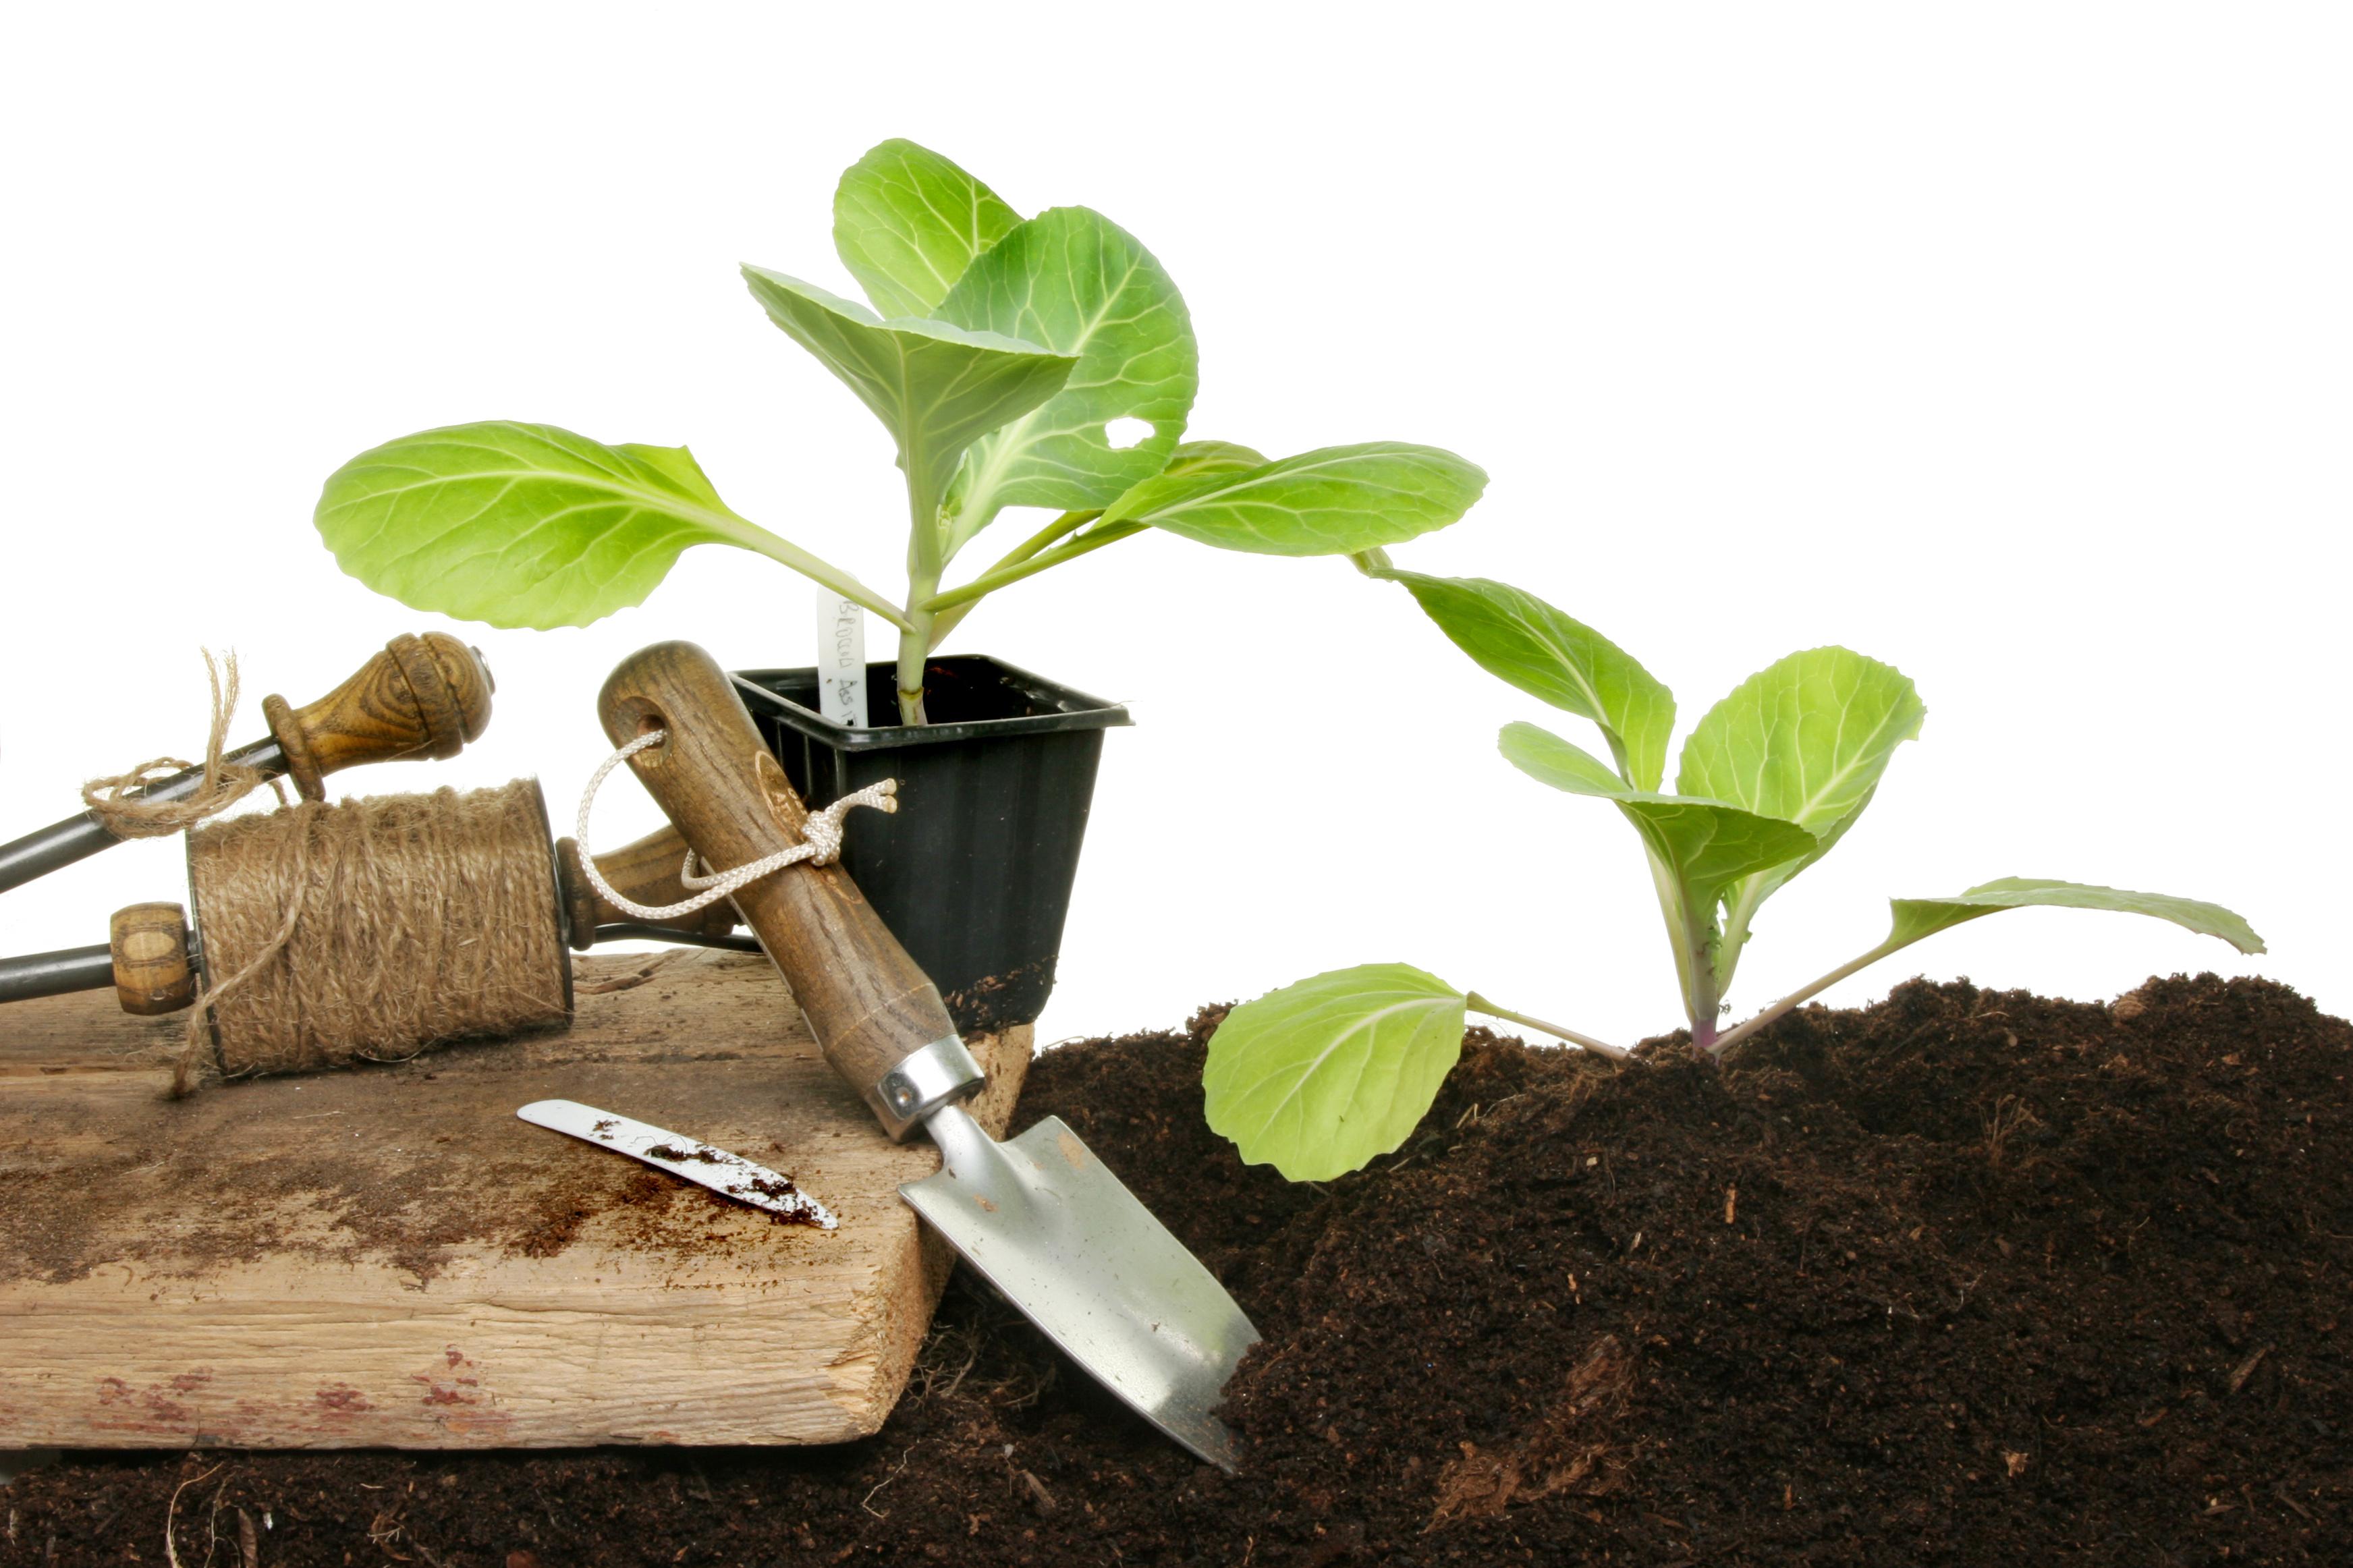 Теперь вы знаете, как вырастить здоровую рассаду капусты своими руками